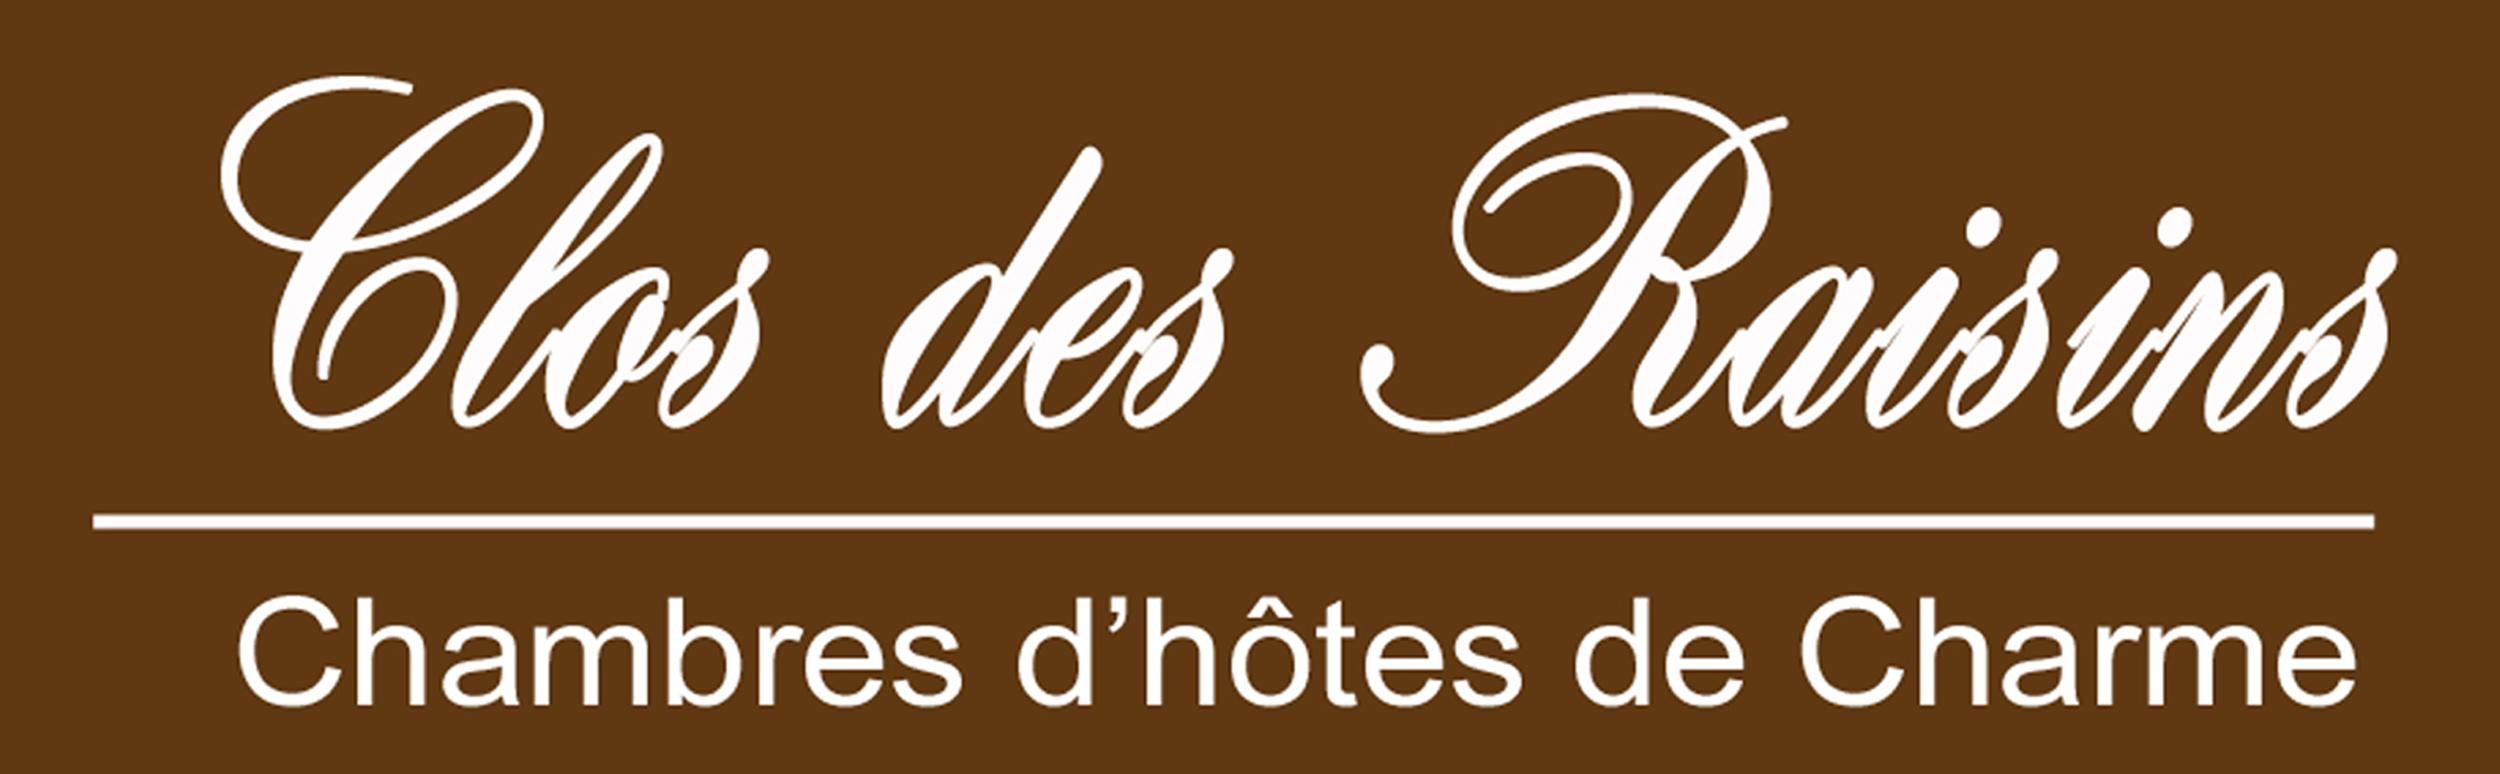 CLOS DES RAISINS: chambres d'hôtes de charme en Alsace sur la Route des Vins Beblenheim.